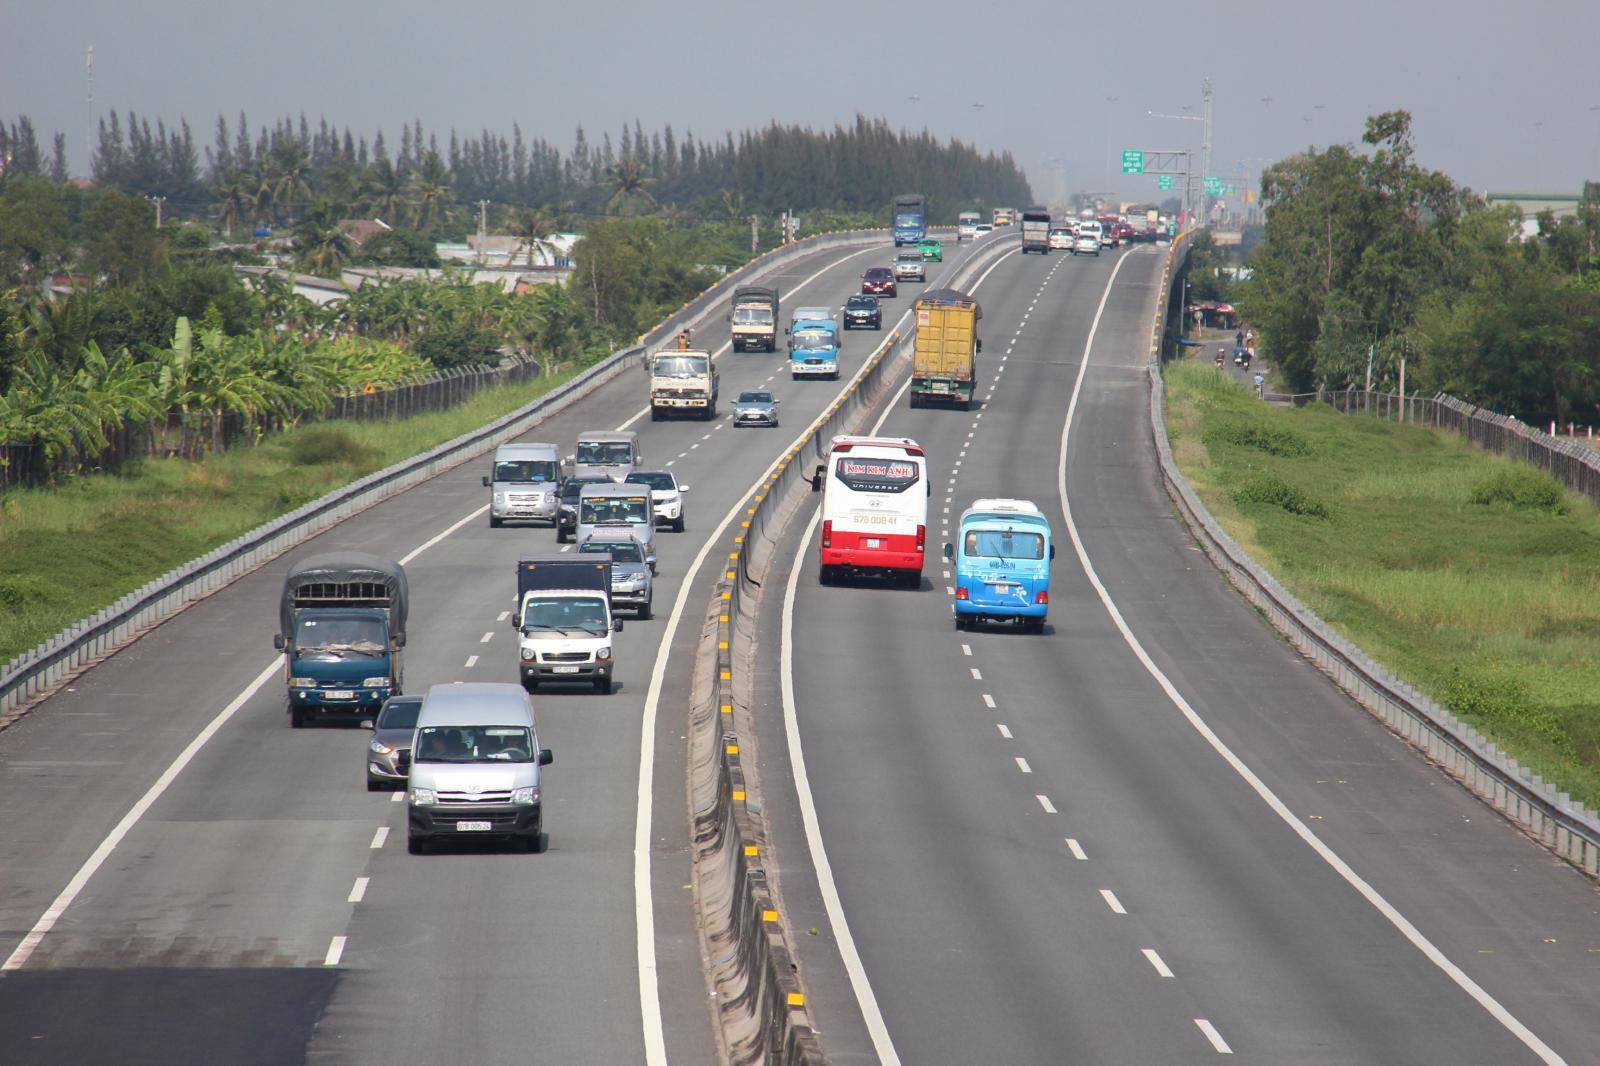 đường cao tốc có nhiều ô tô đang chạy